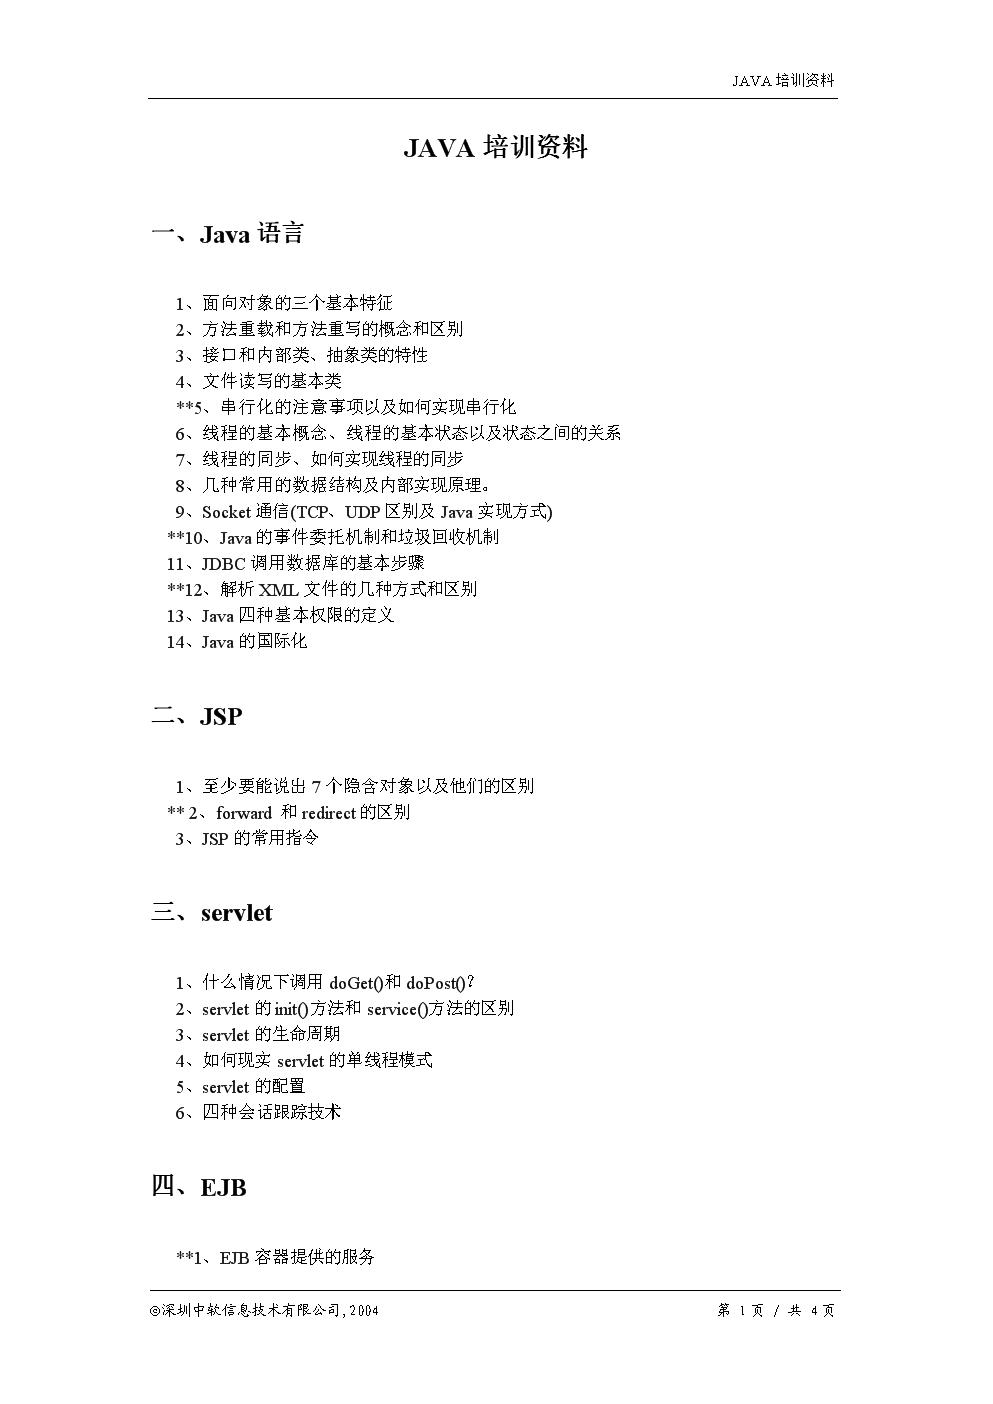 中远公司--JAVA培训资料.doc